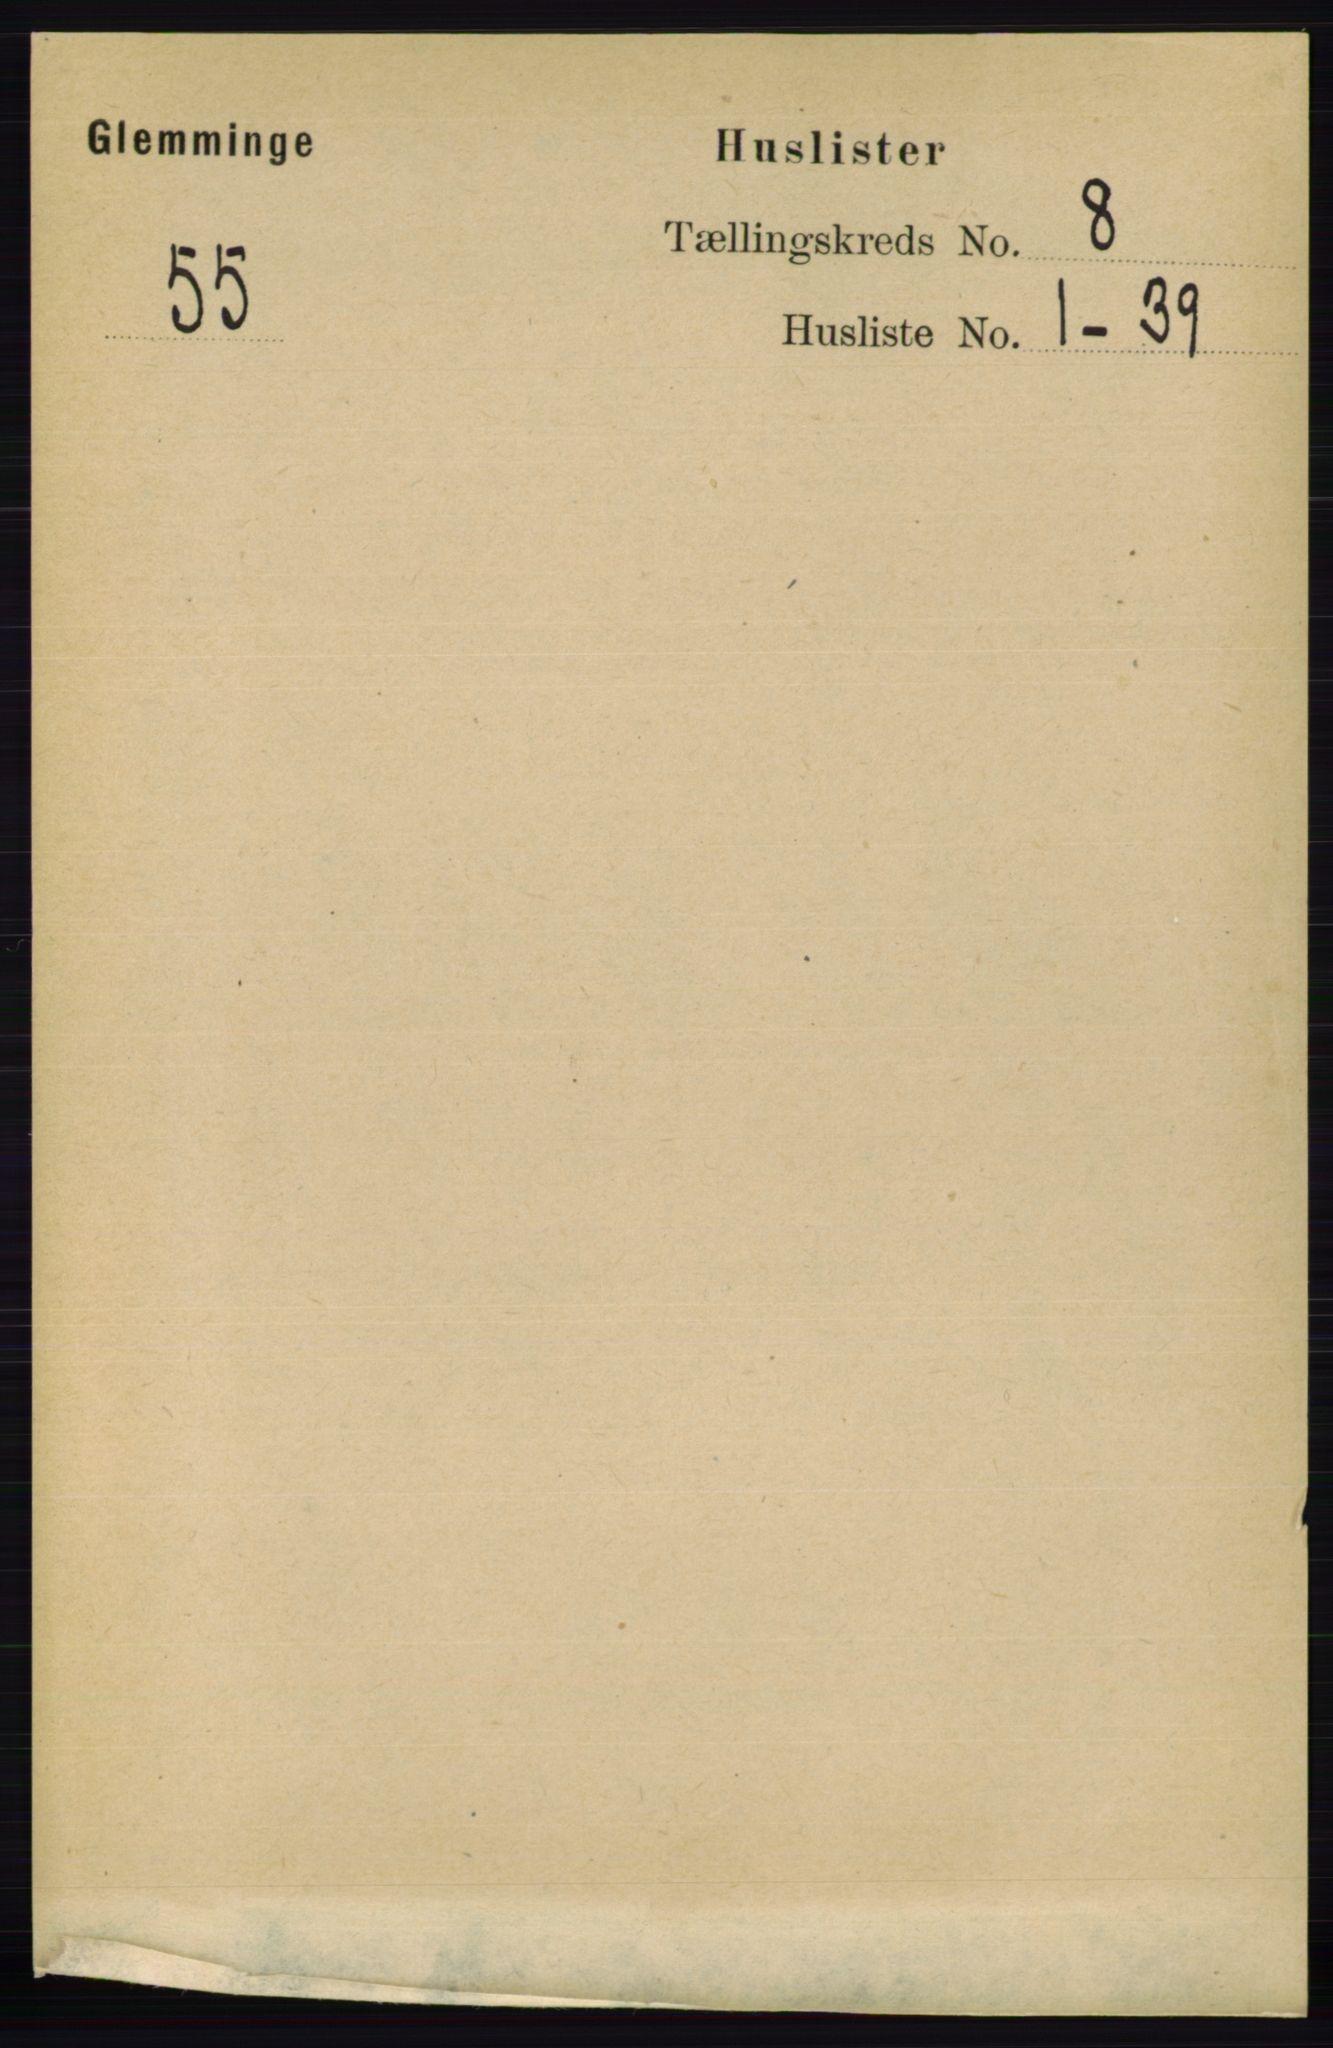 RA, Folketelling 1891 for 0132 Glemmen herred, 1891, s. 9263